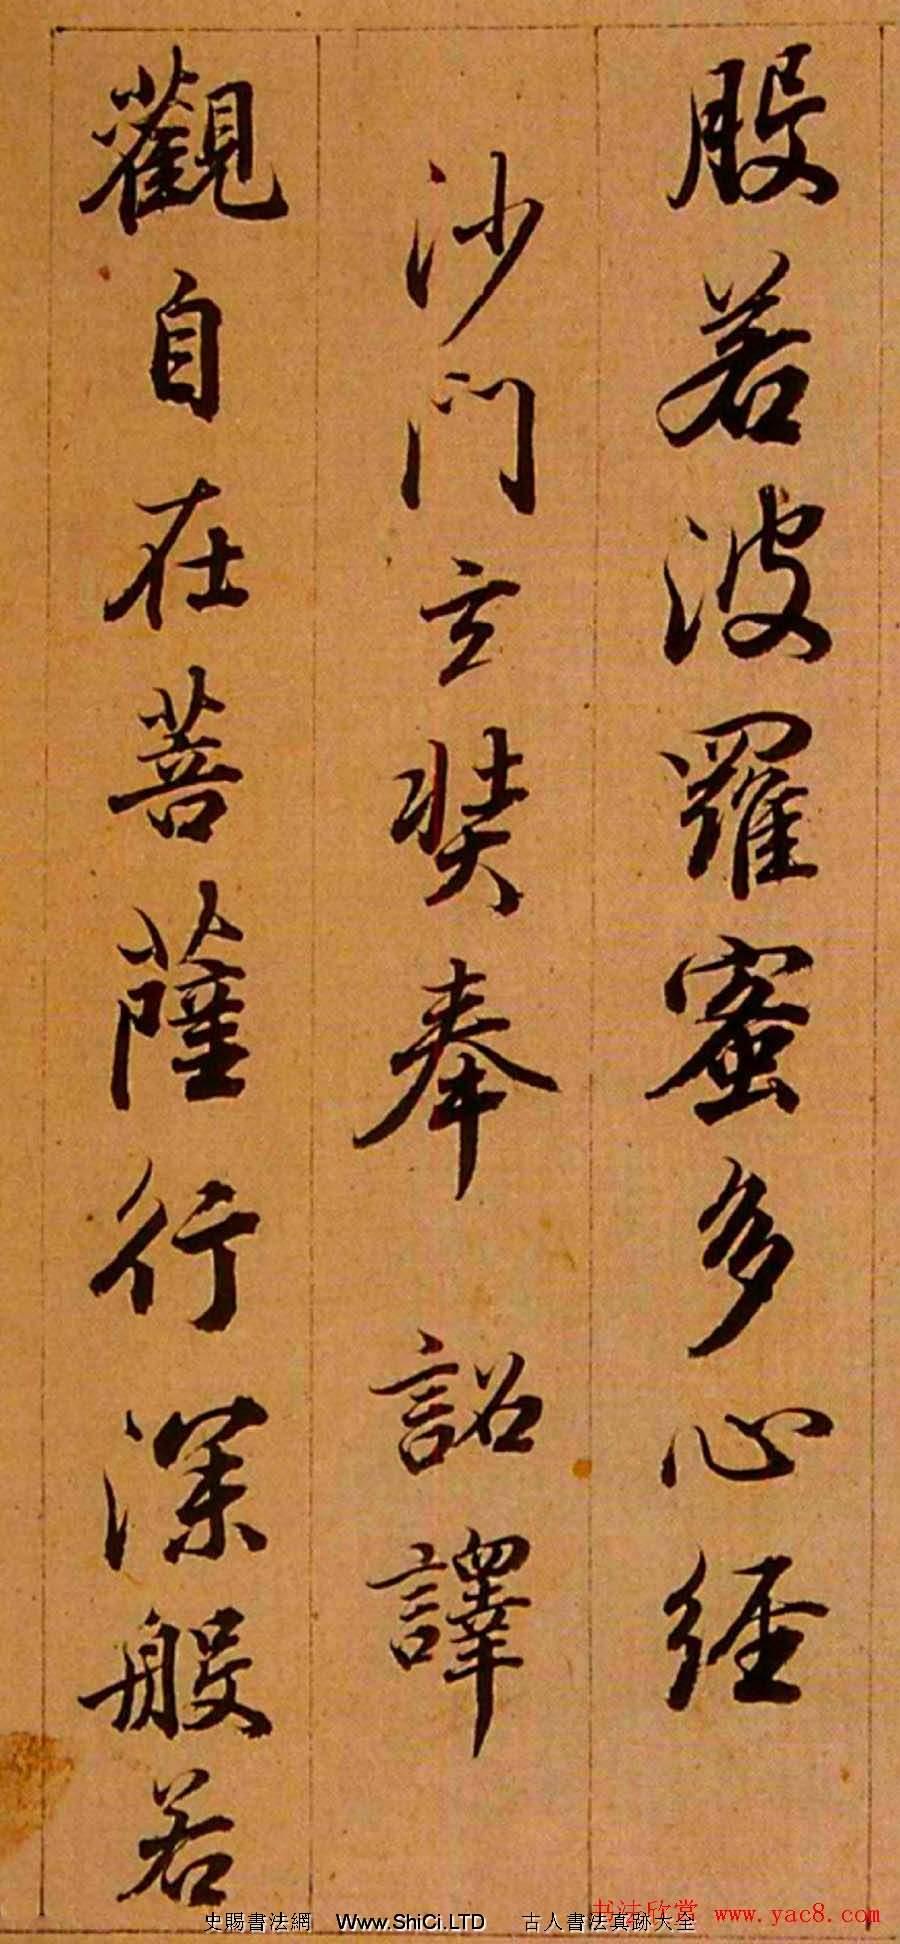 查昇行書《般若波羅蜜多心經》(共10張圖片)